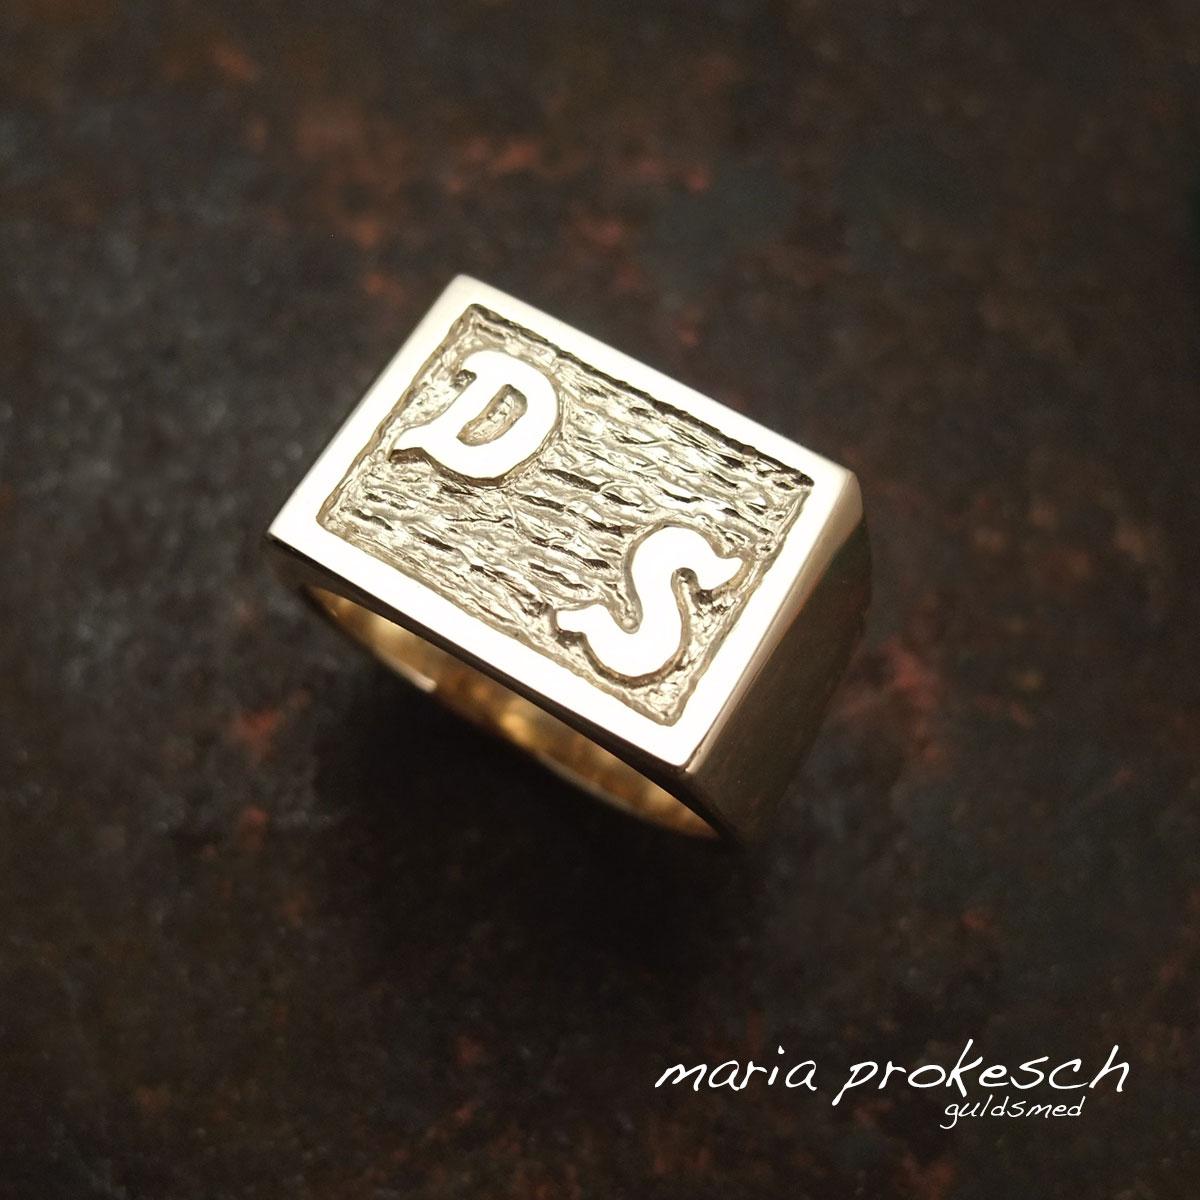 Rå mandering i guld med forbogstaver, initialer. Alle ringe, herresmykker, er håndlavede så personlige ønsker opfyldes.